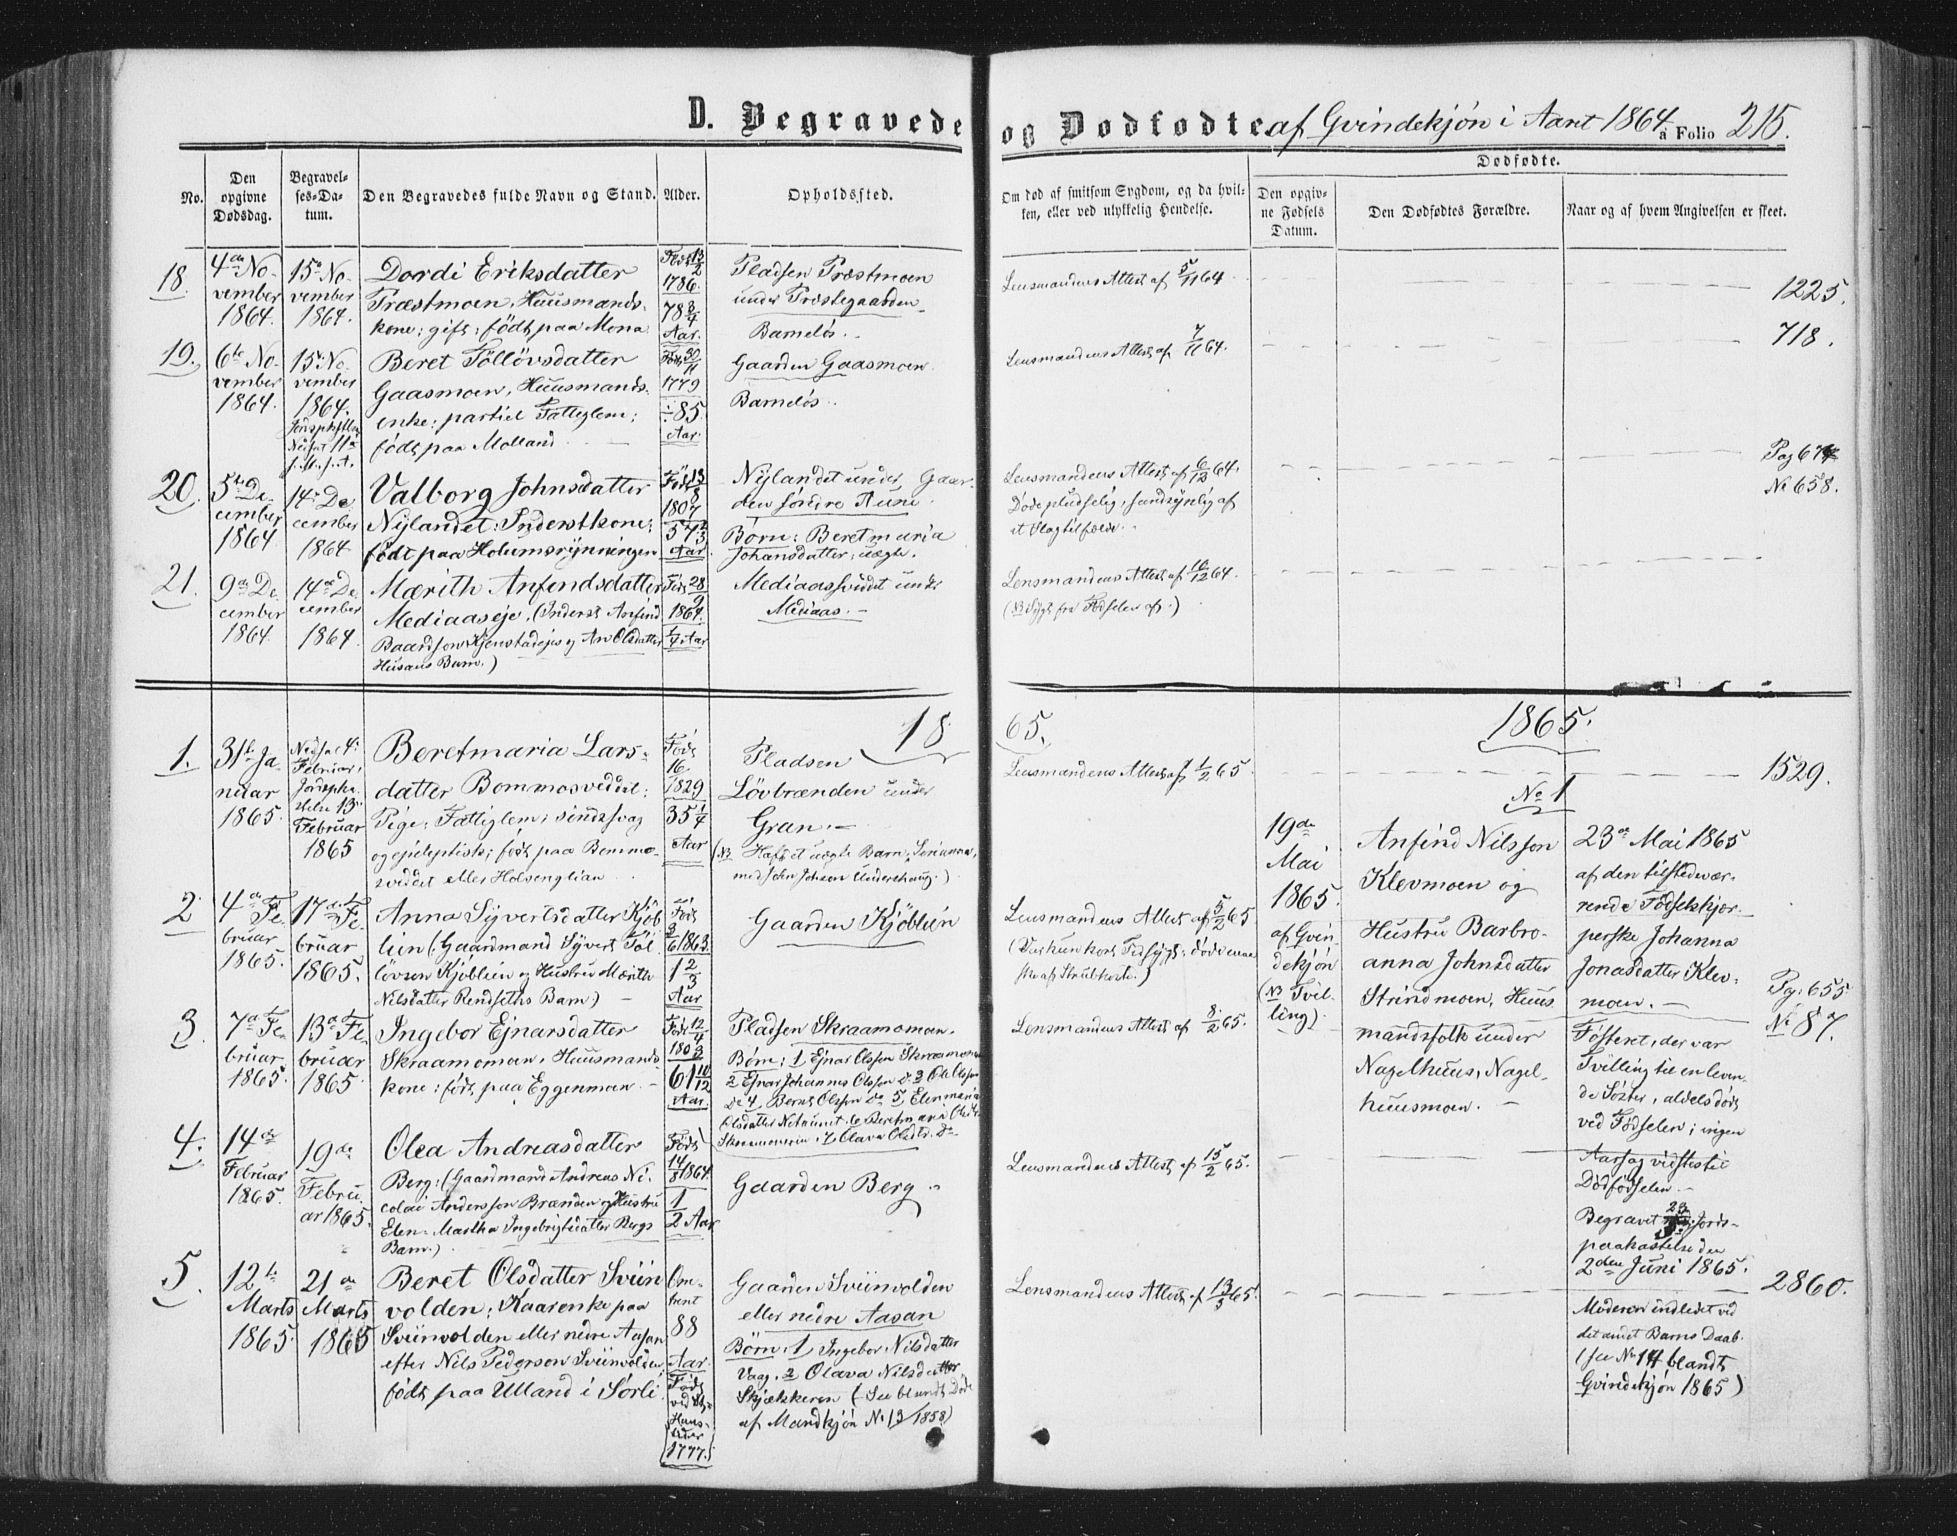 SAT, Ministerialprotokoller, klokkerbøker og fødselsregistre - Nord-Trøndelag, 749/L0472: Ministerialbok nr. 749A06, 1857-1873, s. 215